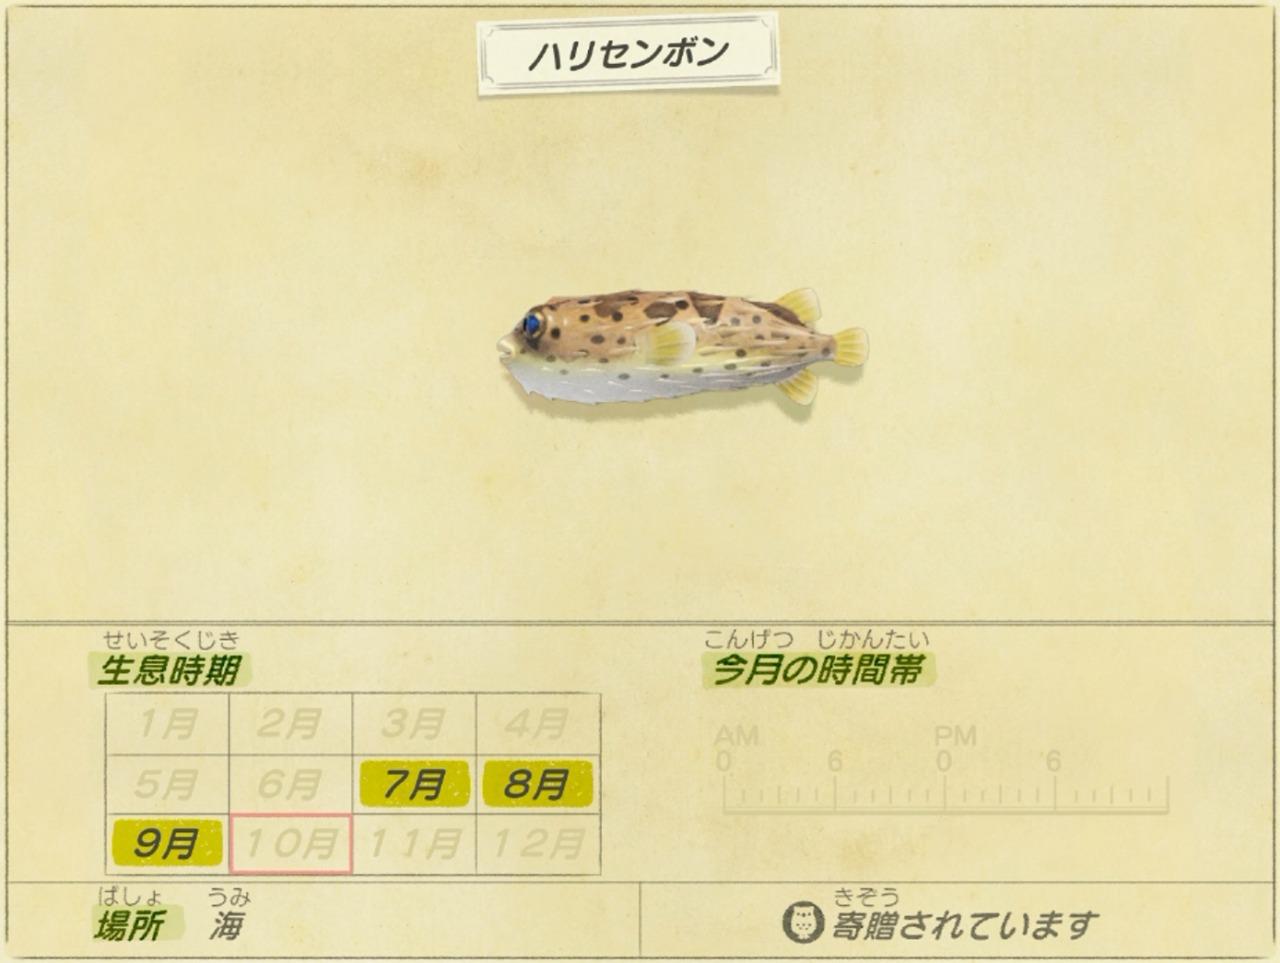 ハリセンボン - porcupinefish